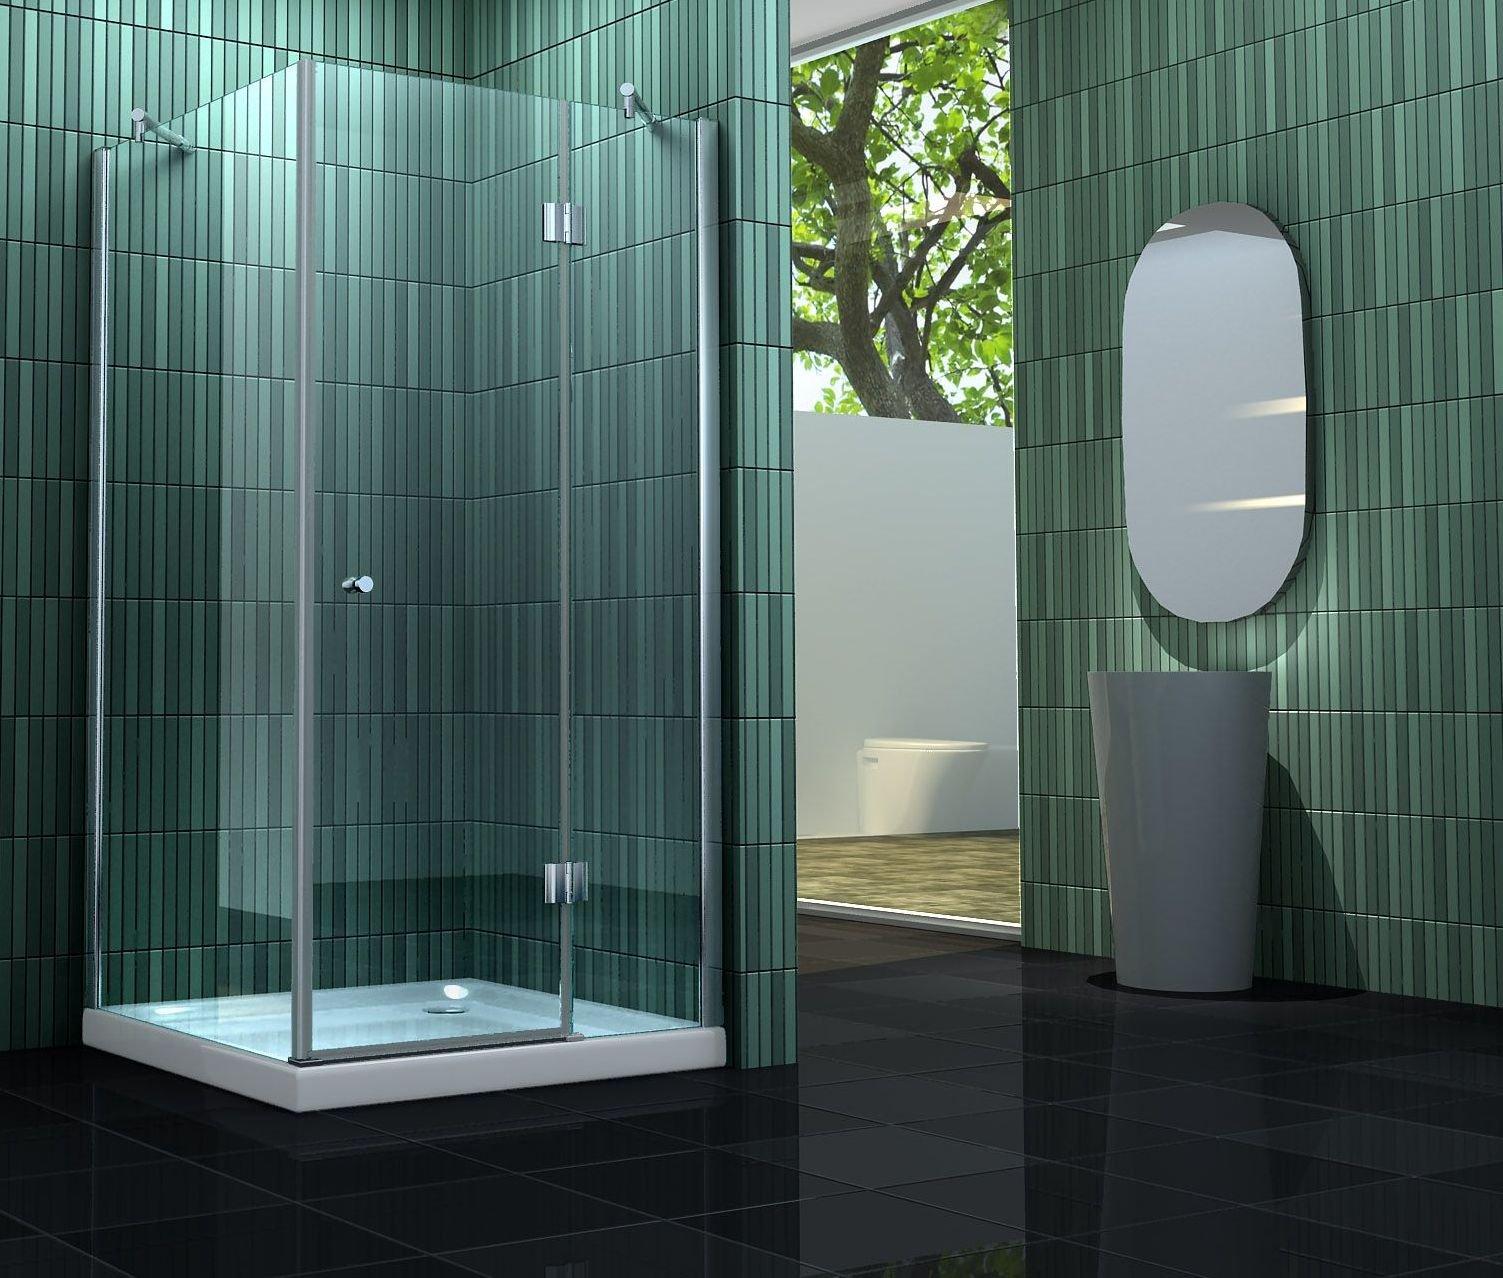 Mampara de 80 x 180 cm de ducha sin silicona: Amazon.es: Bricolaje y herramientas